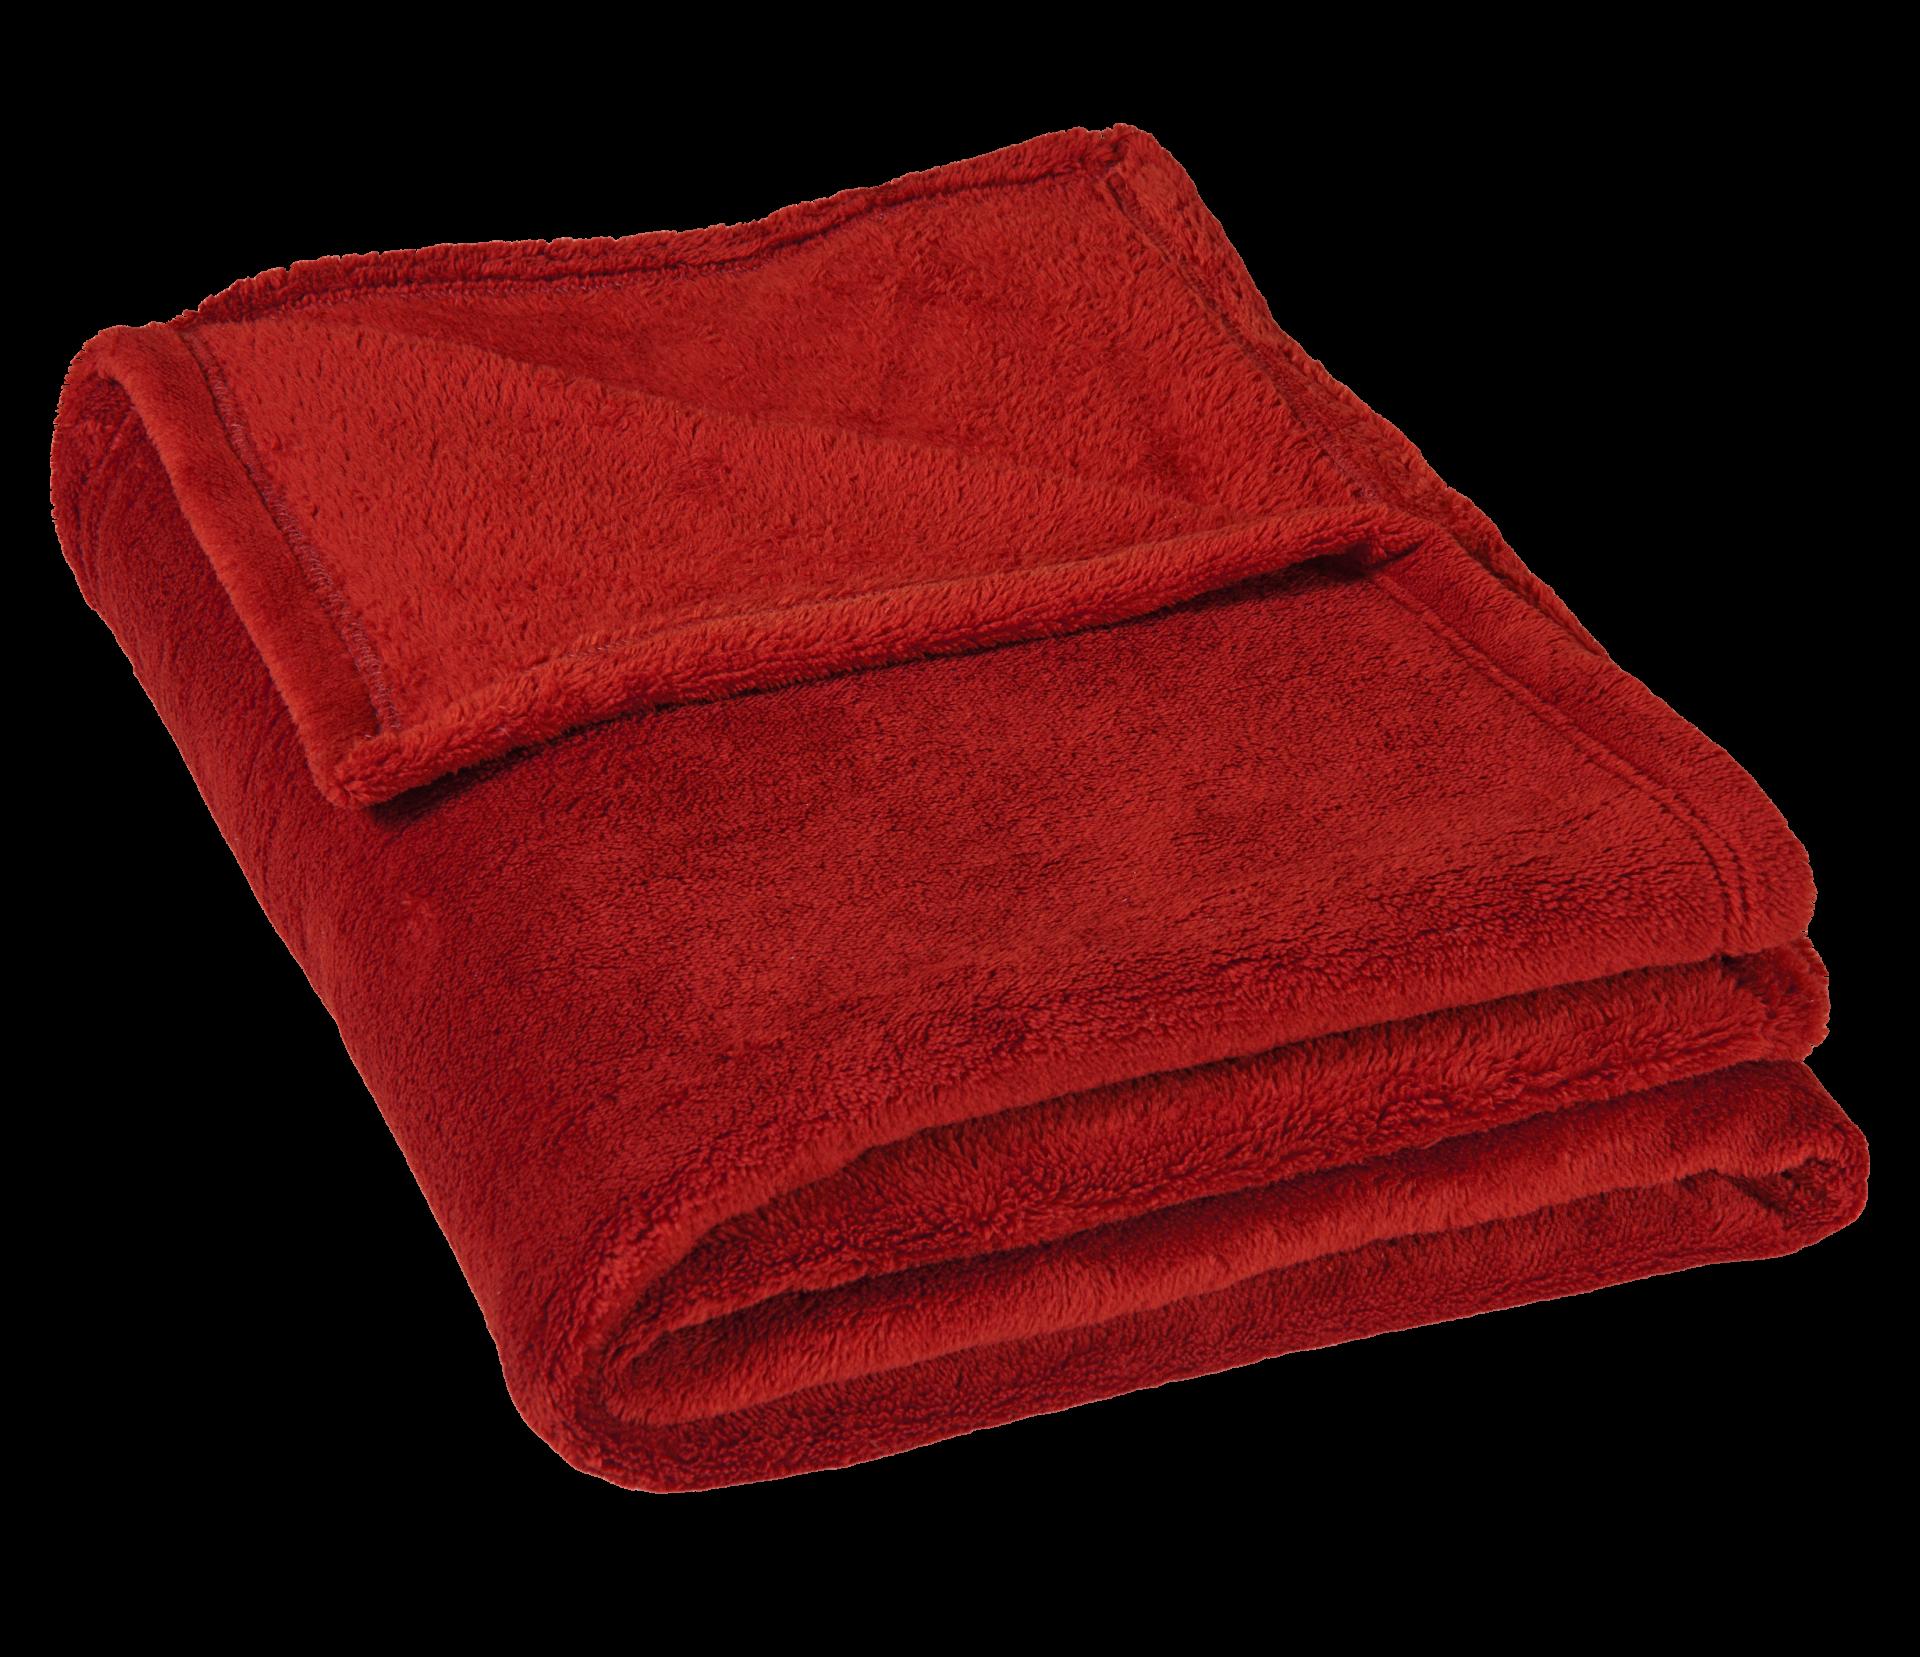 Micro deka jednolůžko 150x200cm vínová 300g/m2